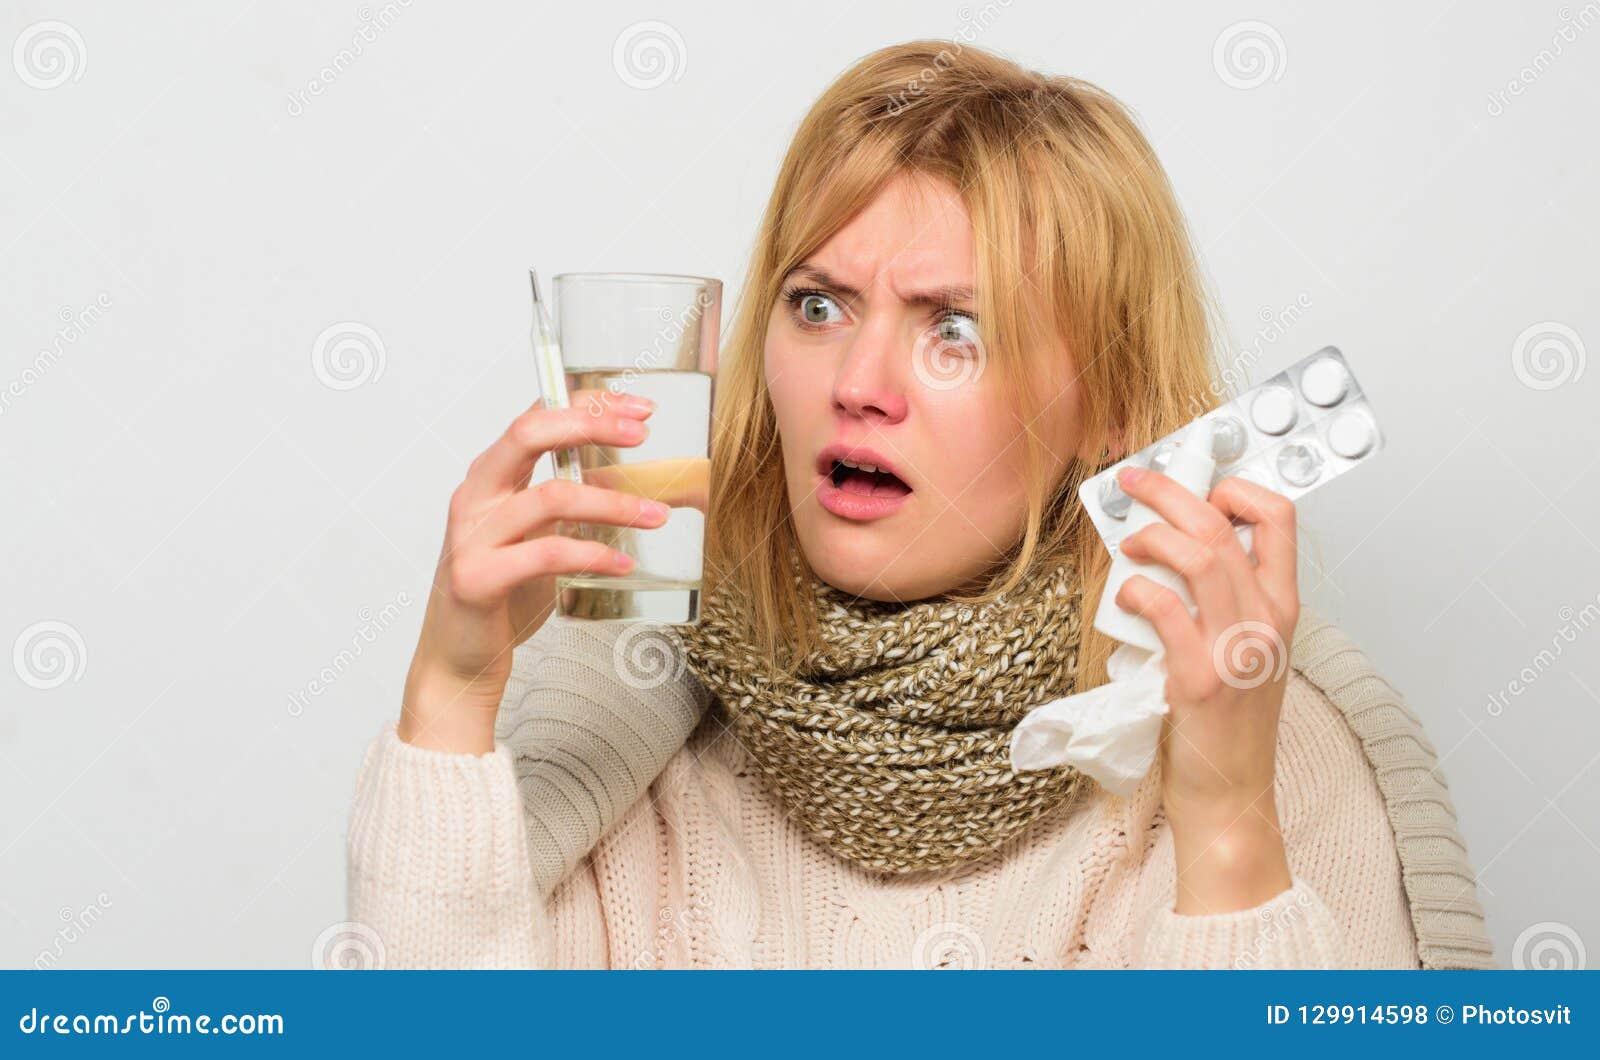 方式感觉更好的快速的流感家补救 摆脱流感 女服温暖的围巾,因为病症或流感 女孩举行